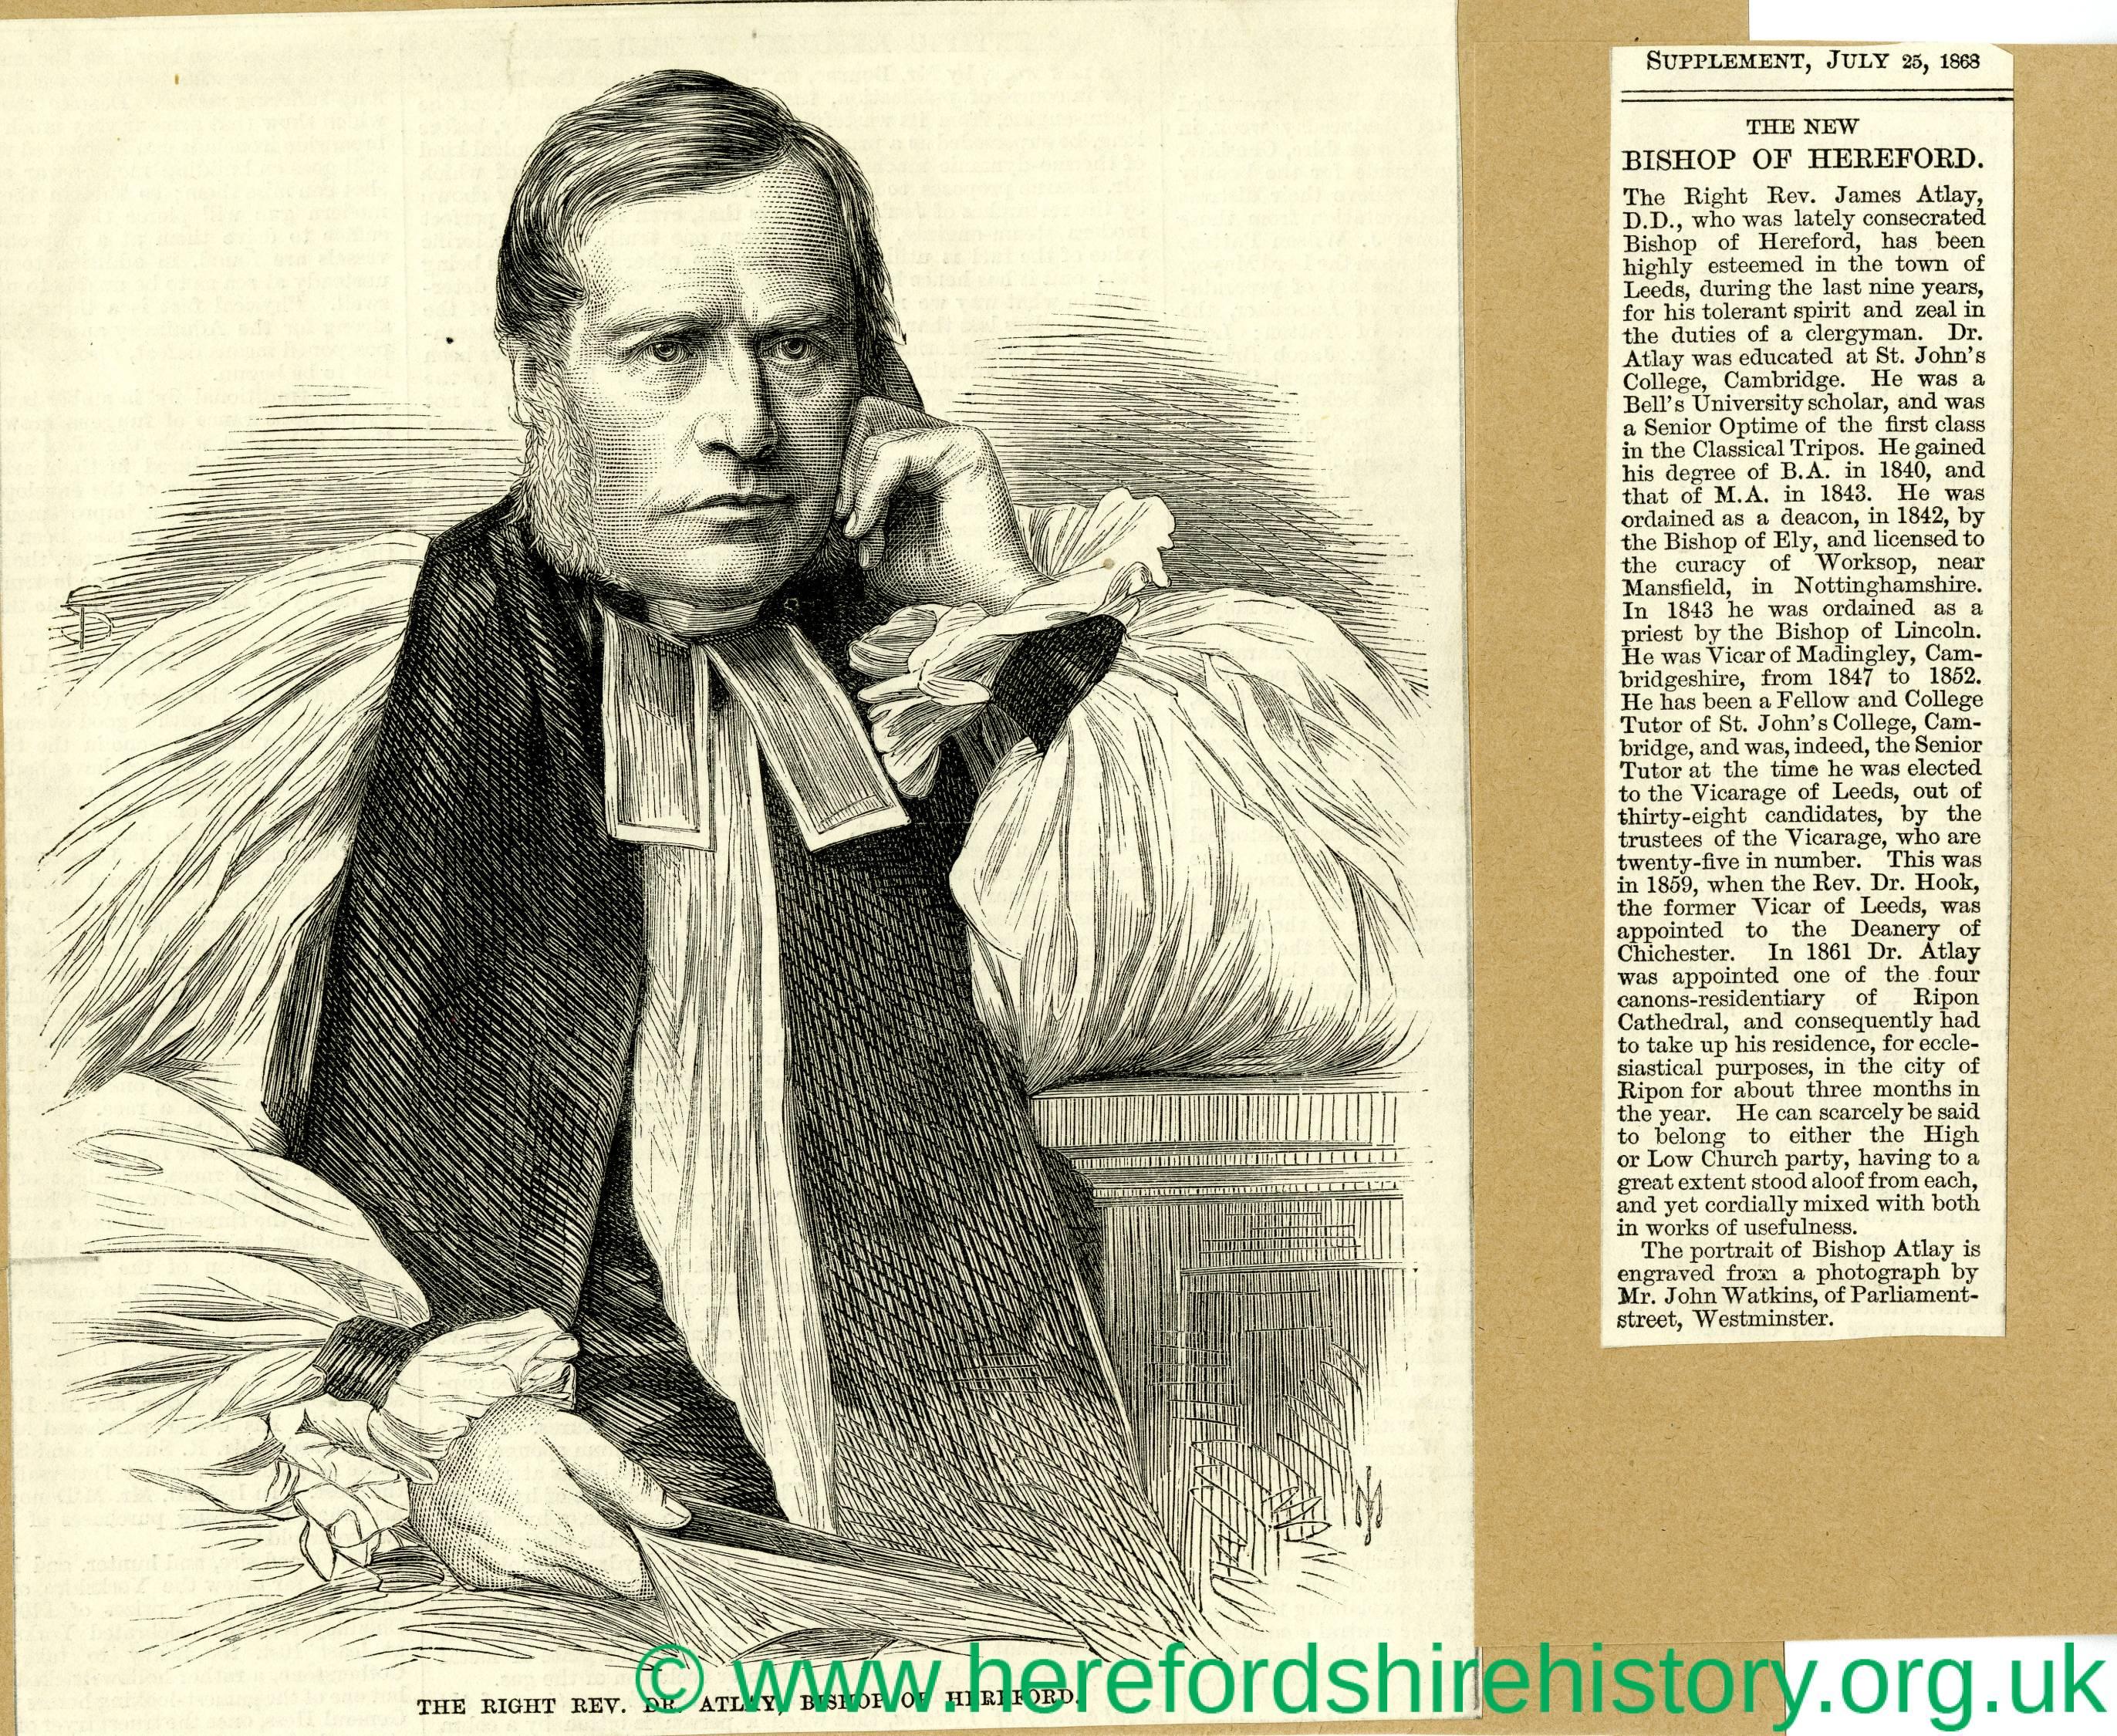 Dr JAMES ATLAY Bishop of Hereford Rev Antique Print 1868